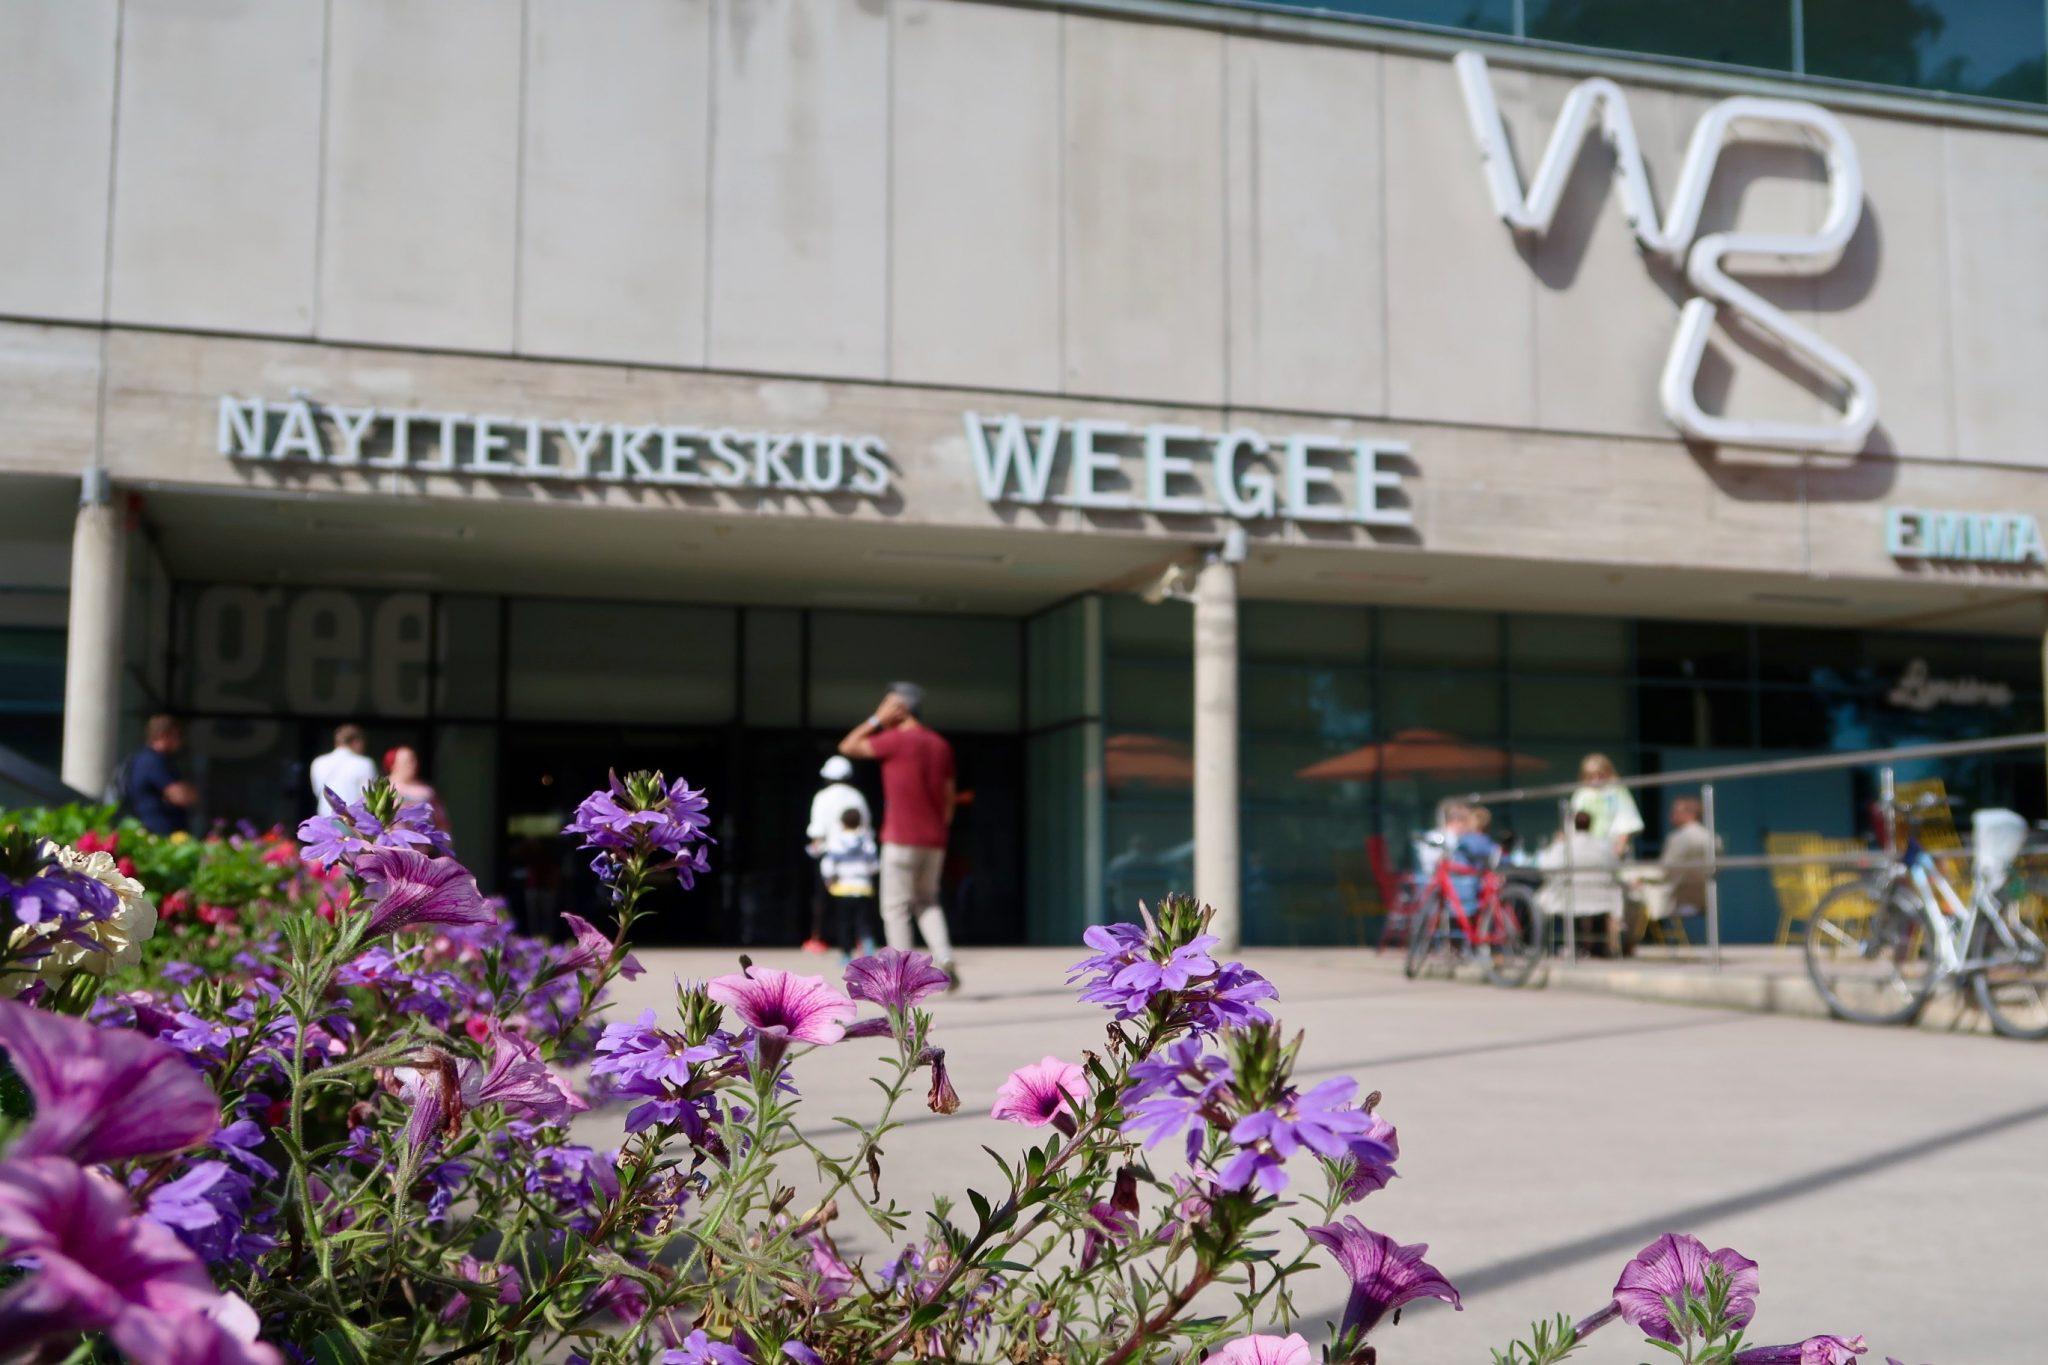 WeeGee Espoo